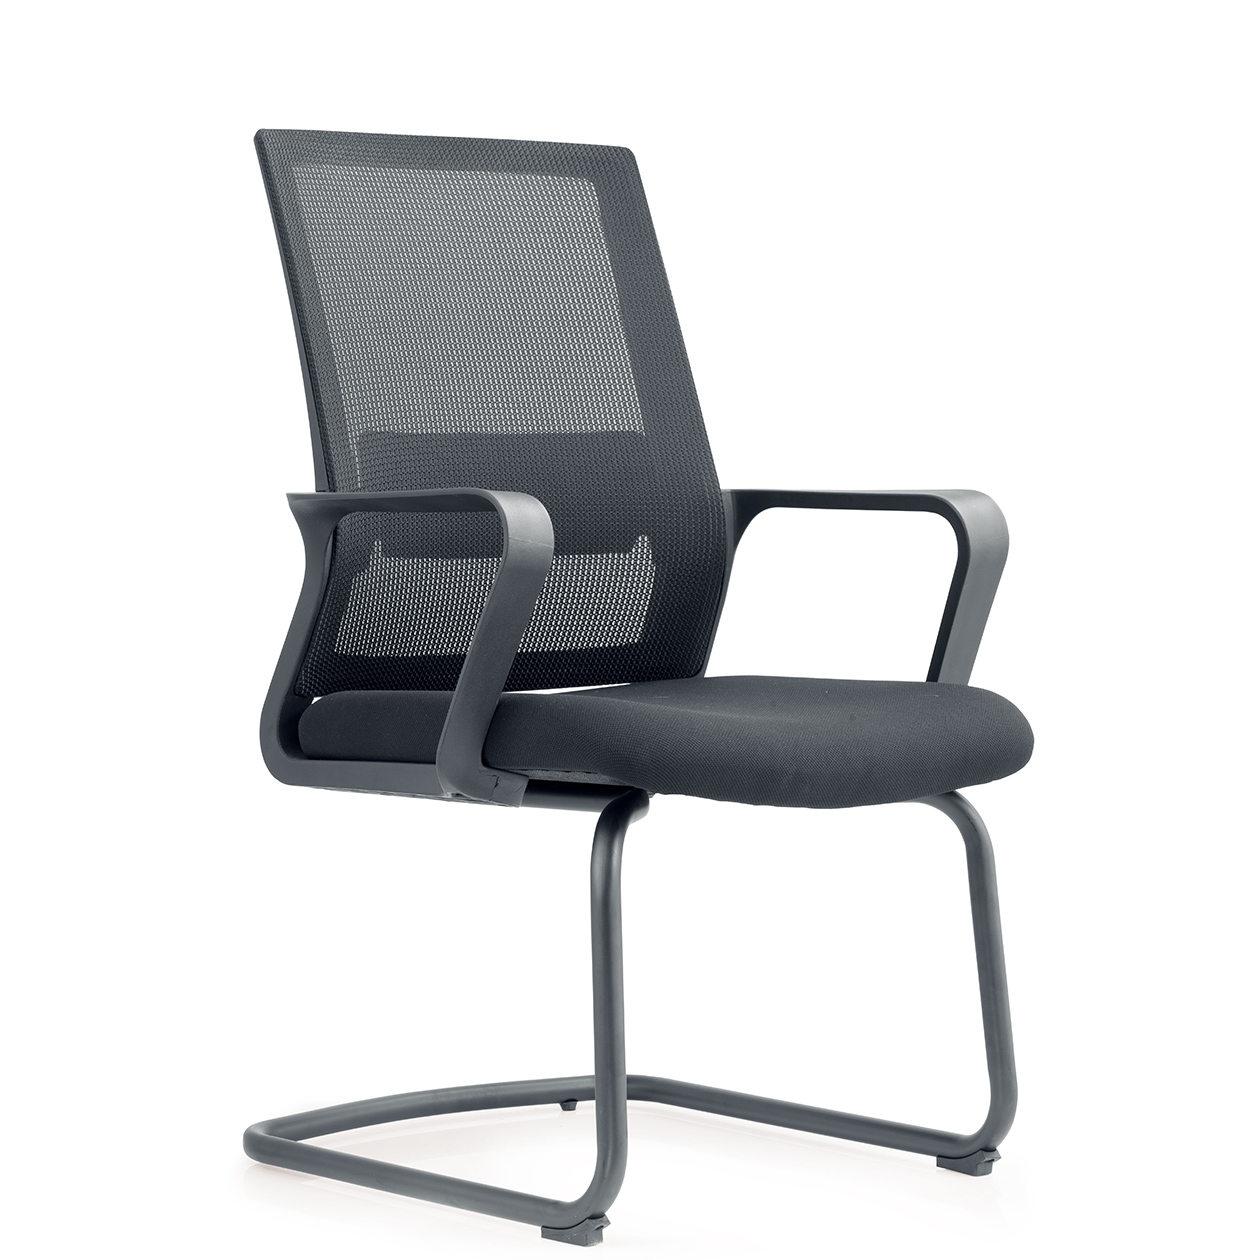 折叠沙发椅图片_办公椅DX-6339B - 办公椅网